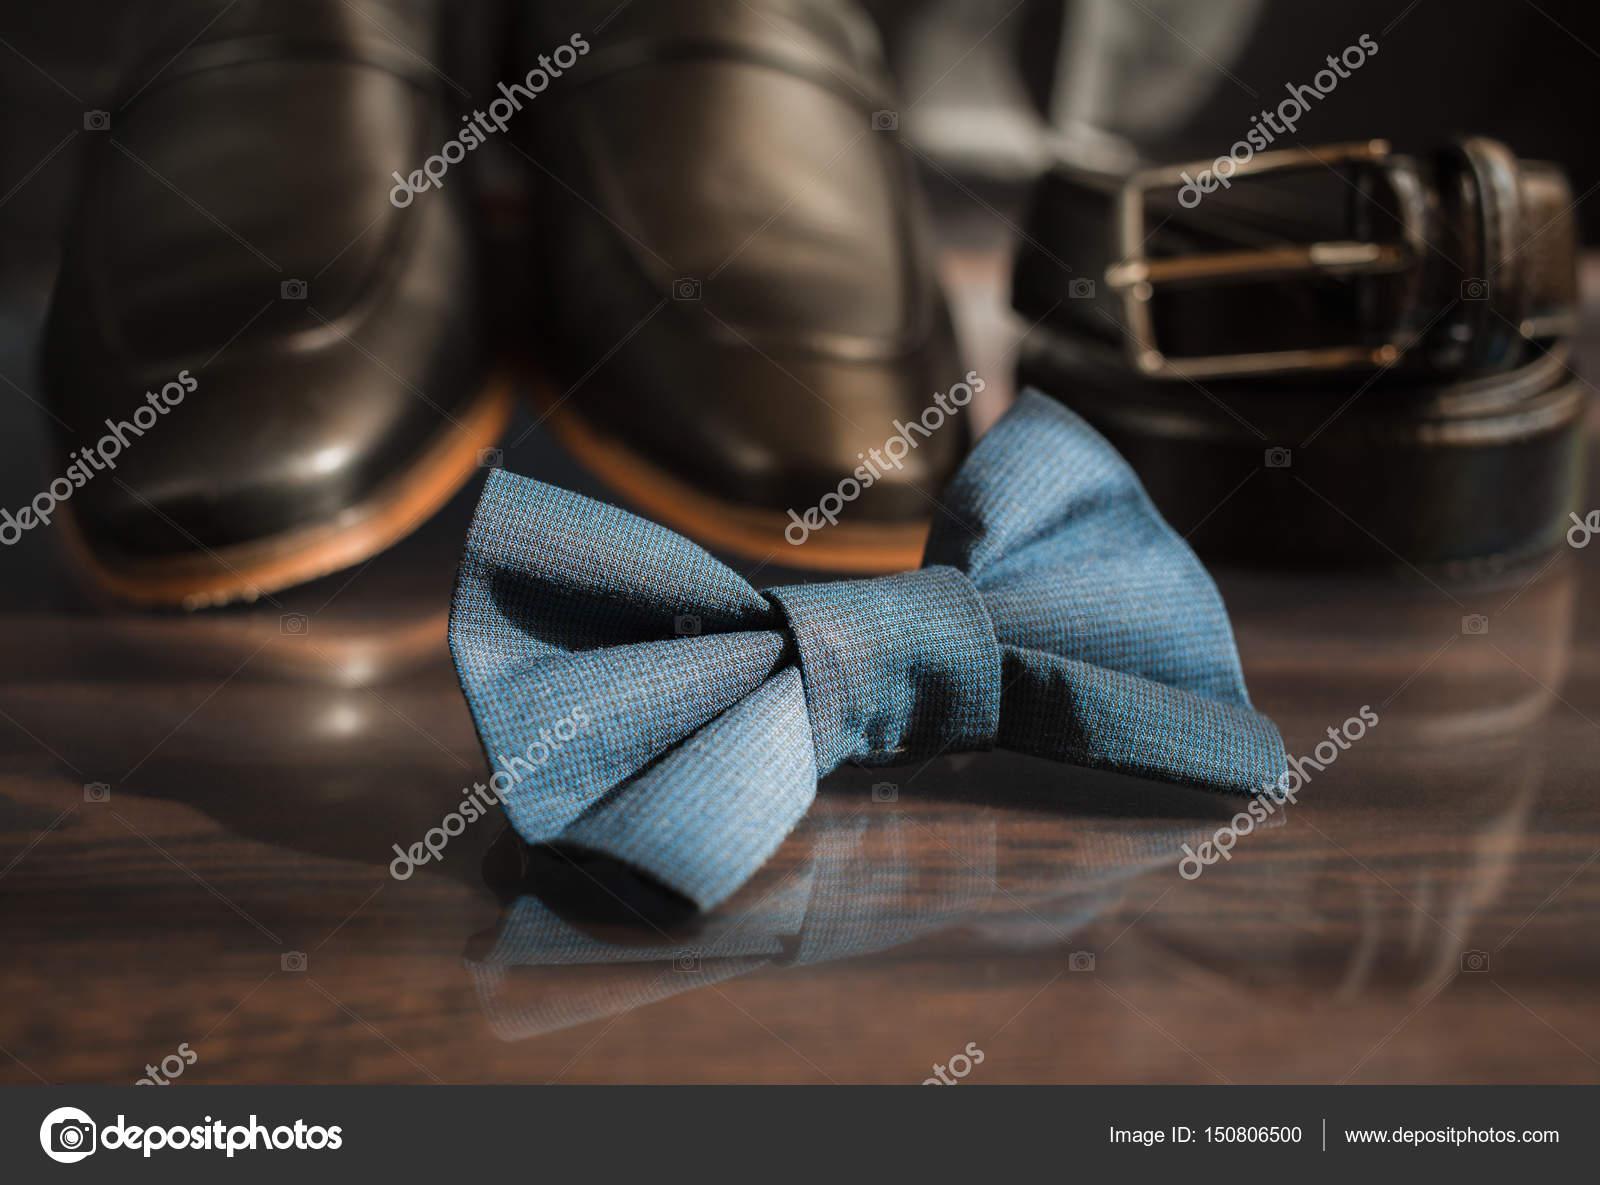 21ae7dfe8d23b Estilo do homem. Acessórios masculino  borboleta masculino, sapatos  masculinos, relógios masculinos. Definir o noivo borboleta sapatos cintos  relógios– ...